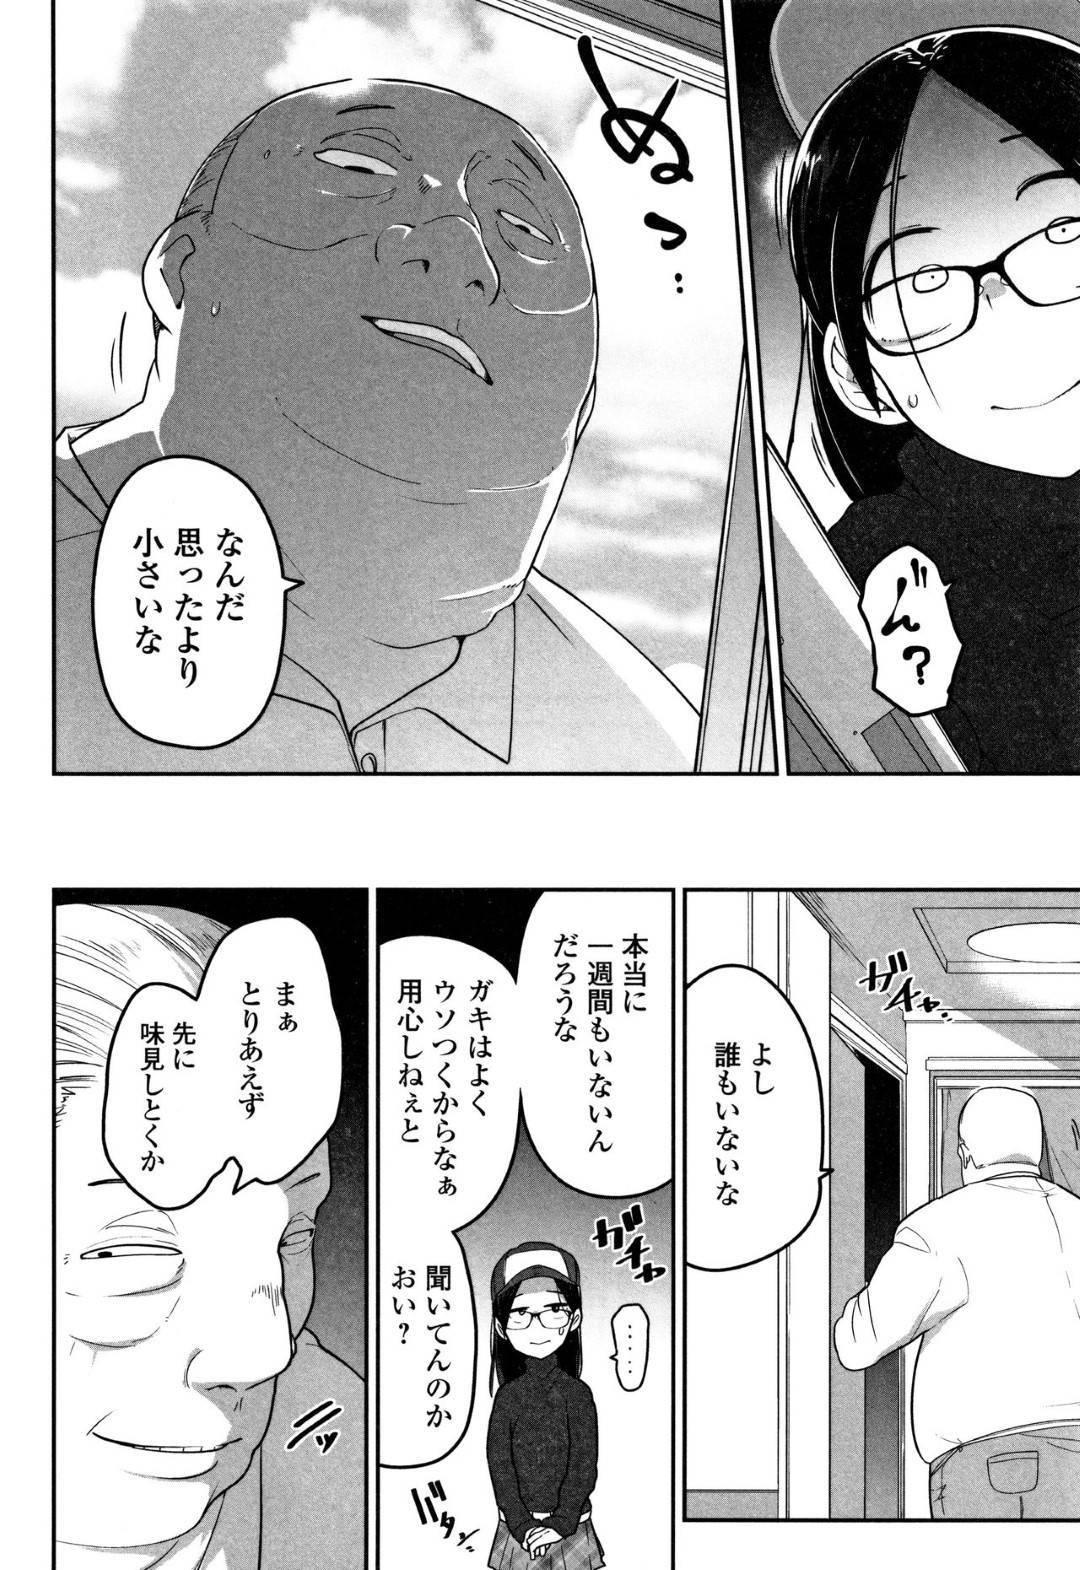 【JS処女喪失レイプエロ漫画】大人への憧れを抱いていたJSは、ネットで初めて会う彼氏に心躍らせていたが相手がおじさんである事にショックを受け、そのままレイプされ処女喪失【つくすん】